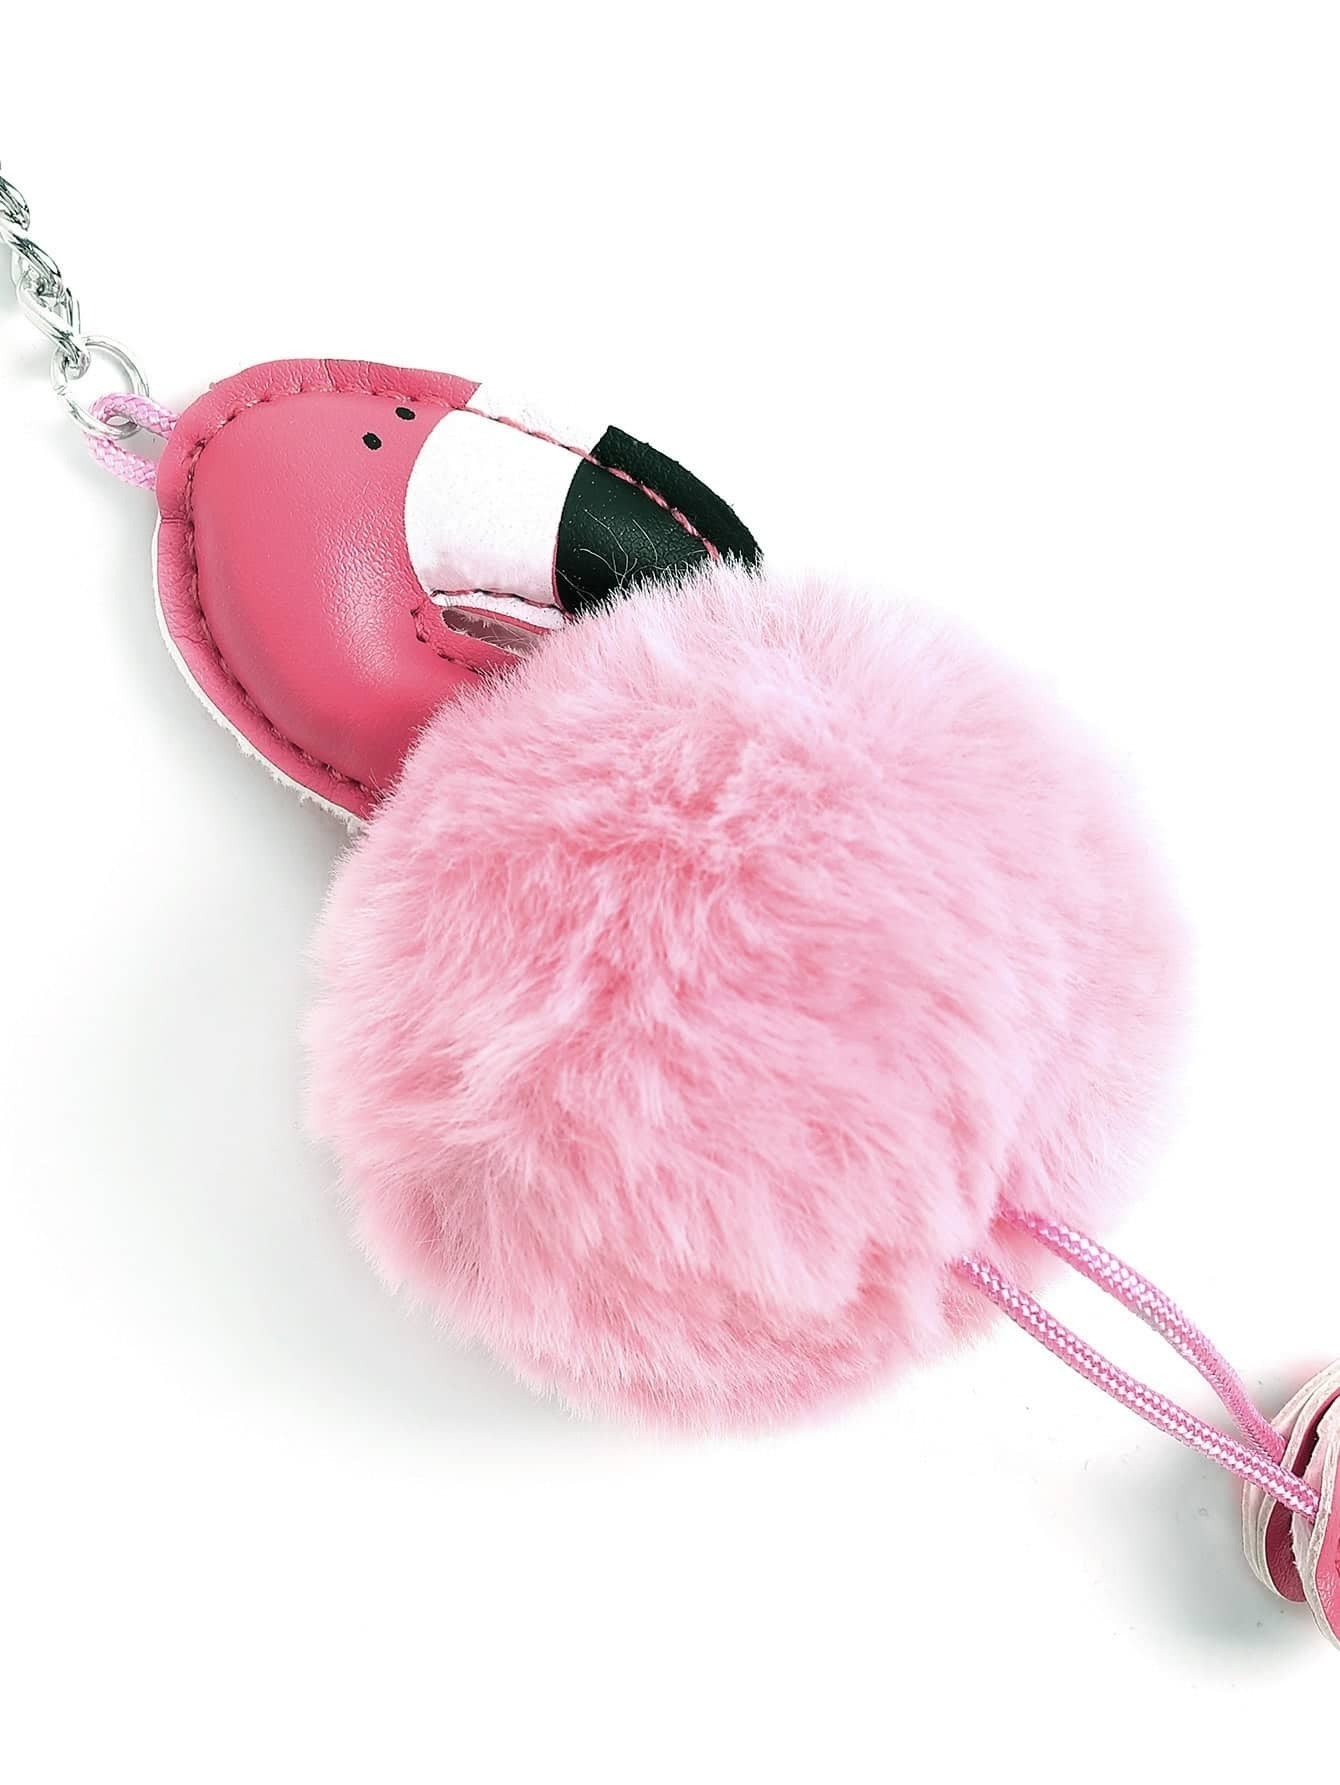 Flamingo Design Keychain With Pom Pom